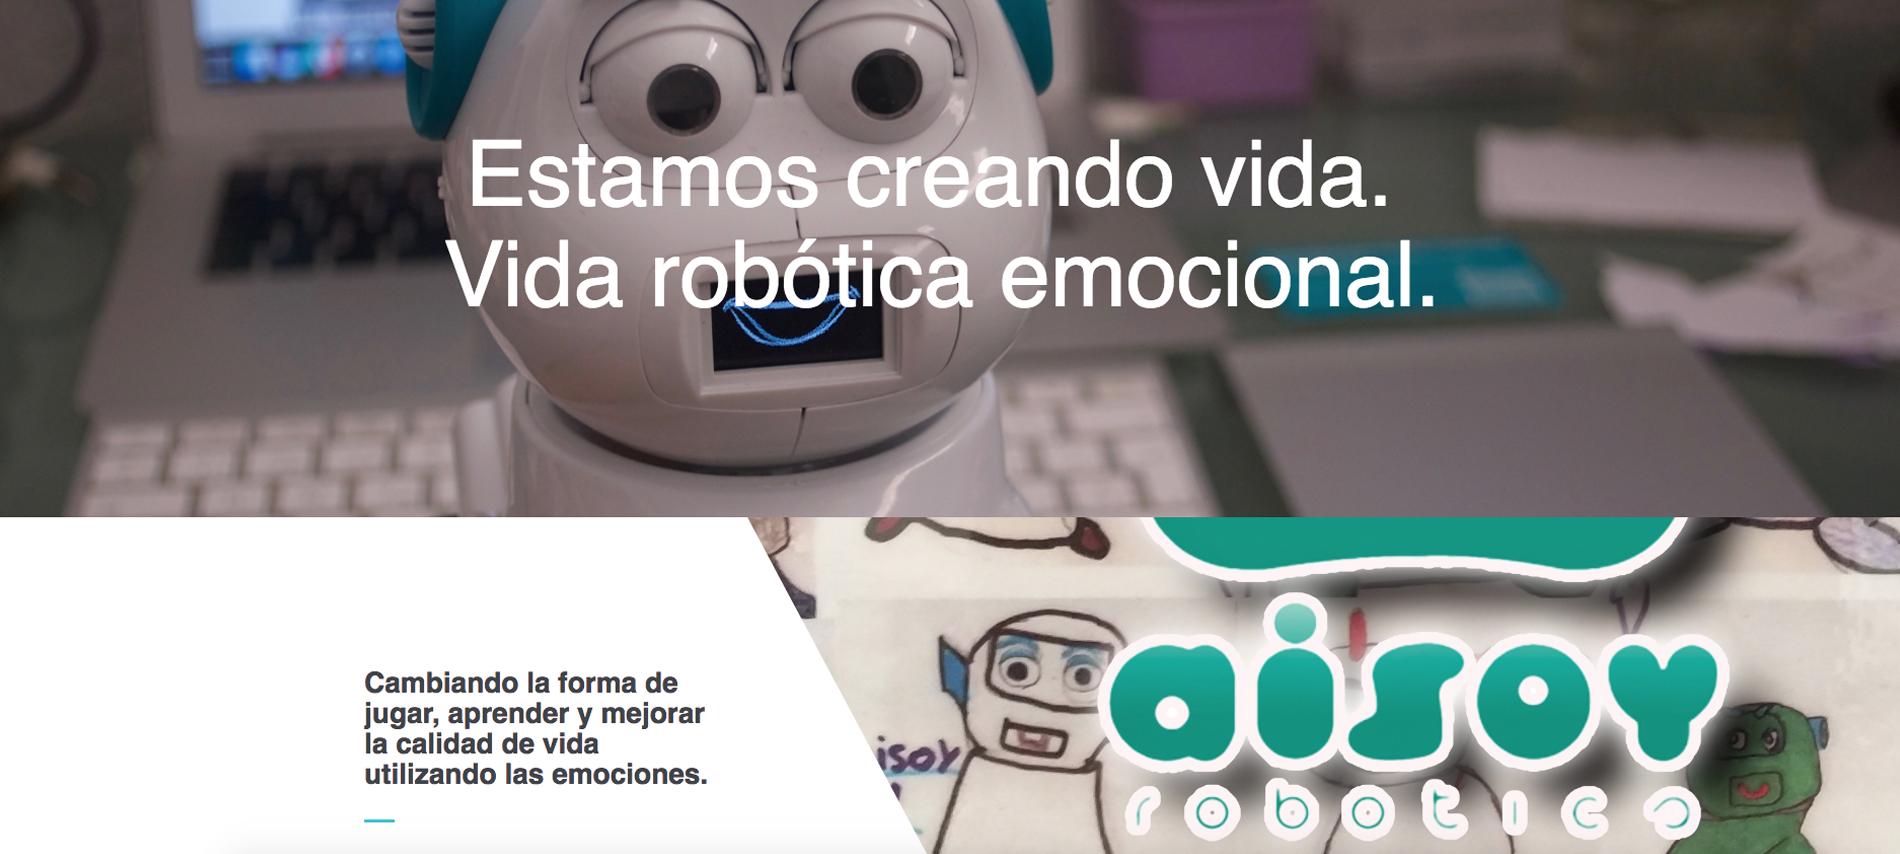 Aisoy social robot